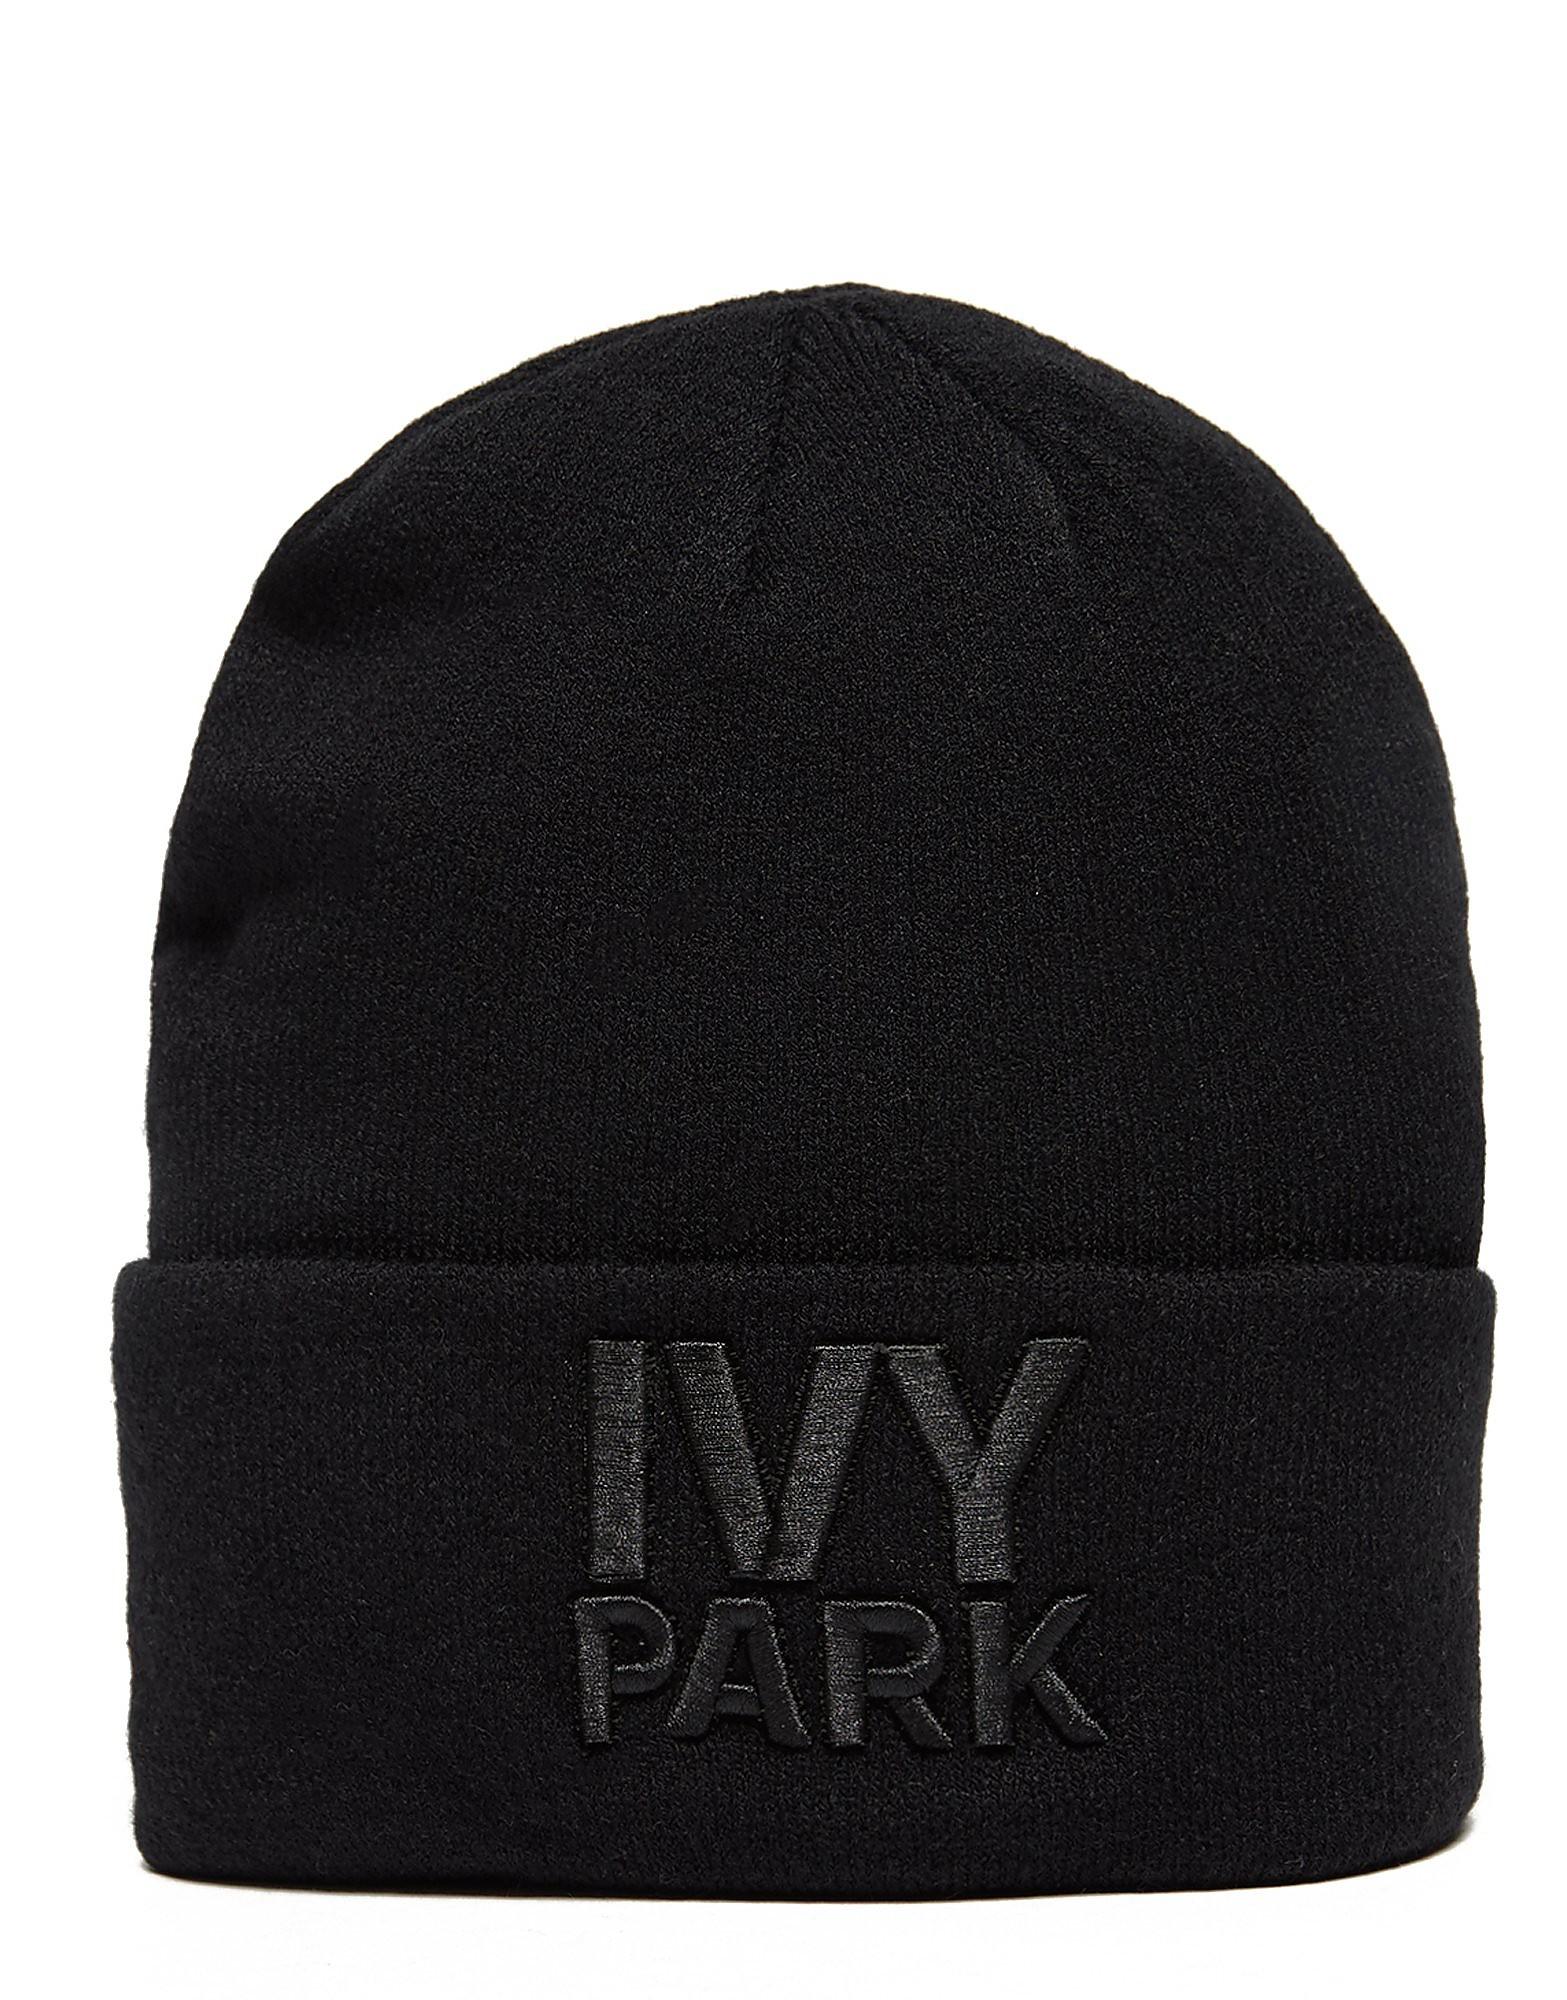 IVY PARK Logo Beanie